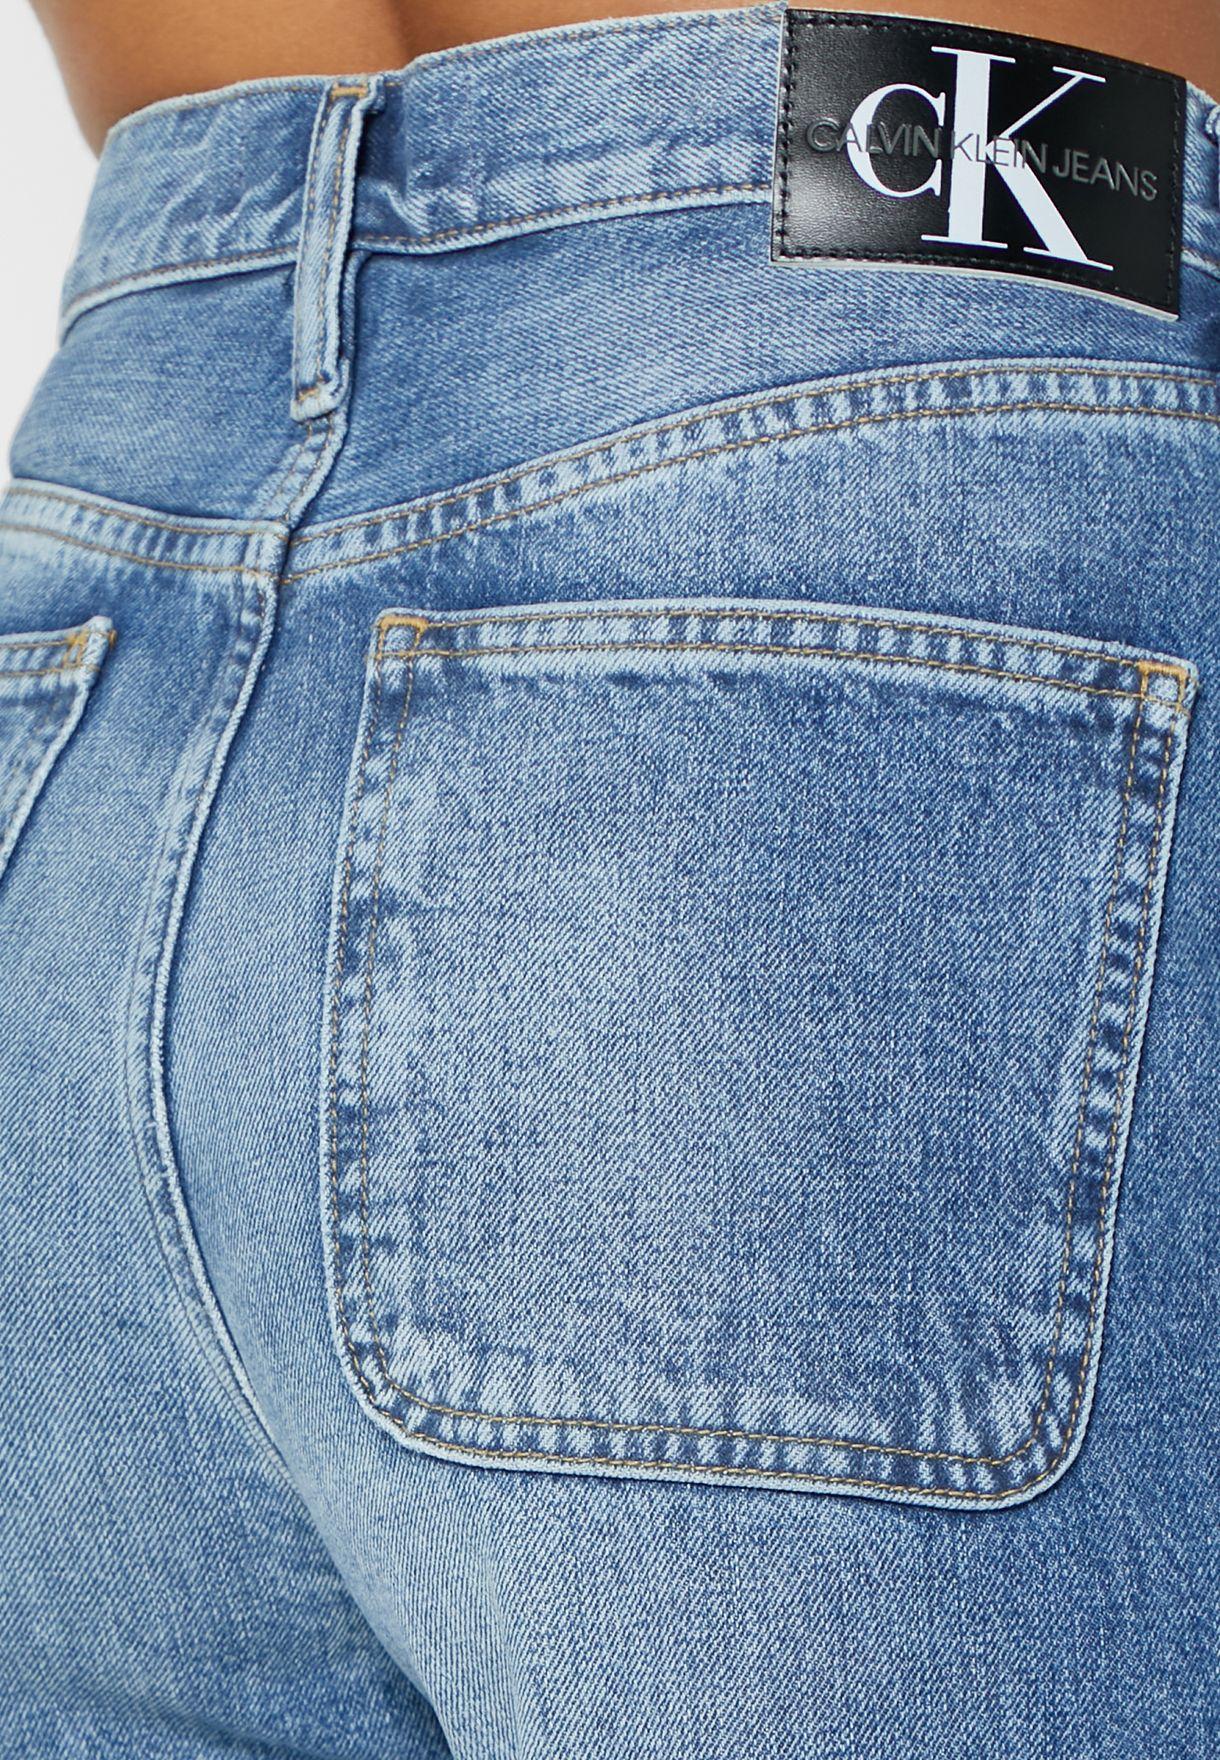 Light Wash High Waist Jeans